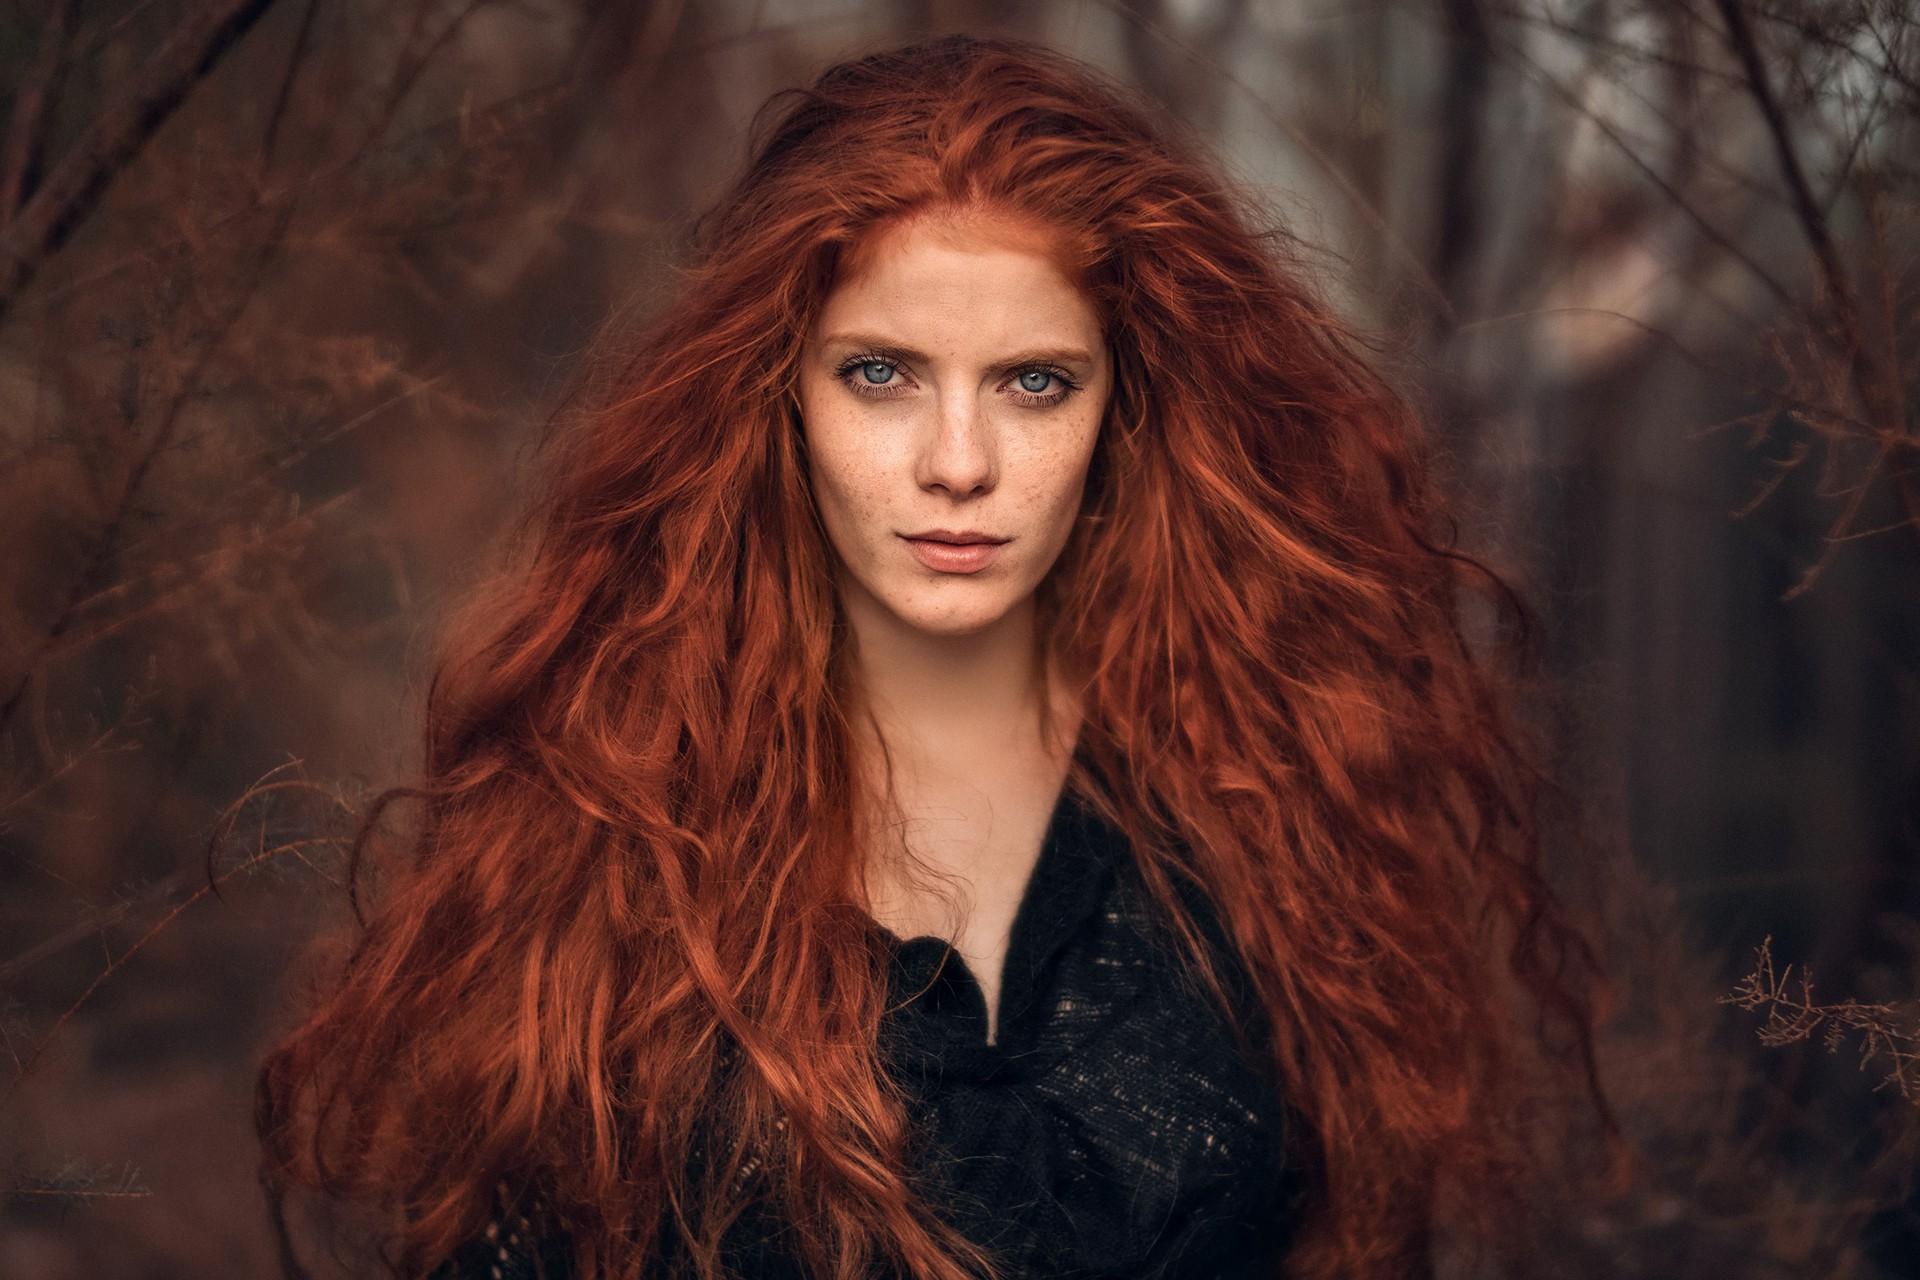 Women Blonde Blue Eyes Long Hair Wavy Hair Portrait: Baggrunde : Ansigt, Kvinder Udendørs, Rødhåret, Model